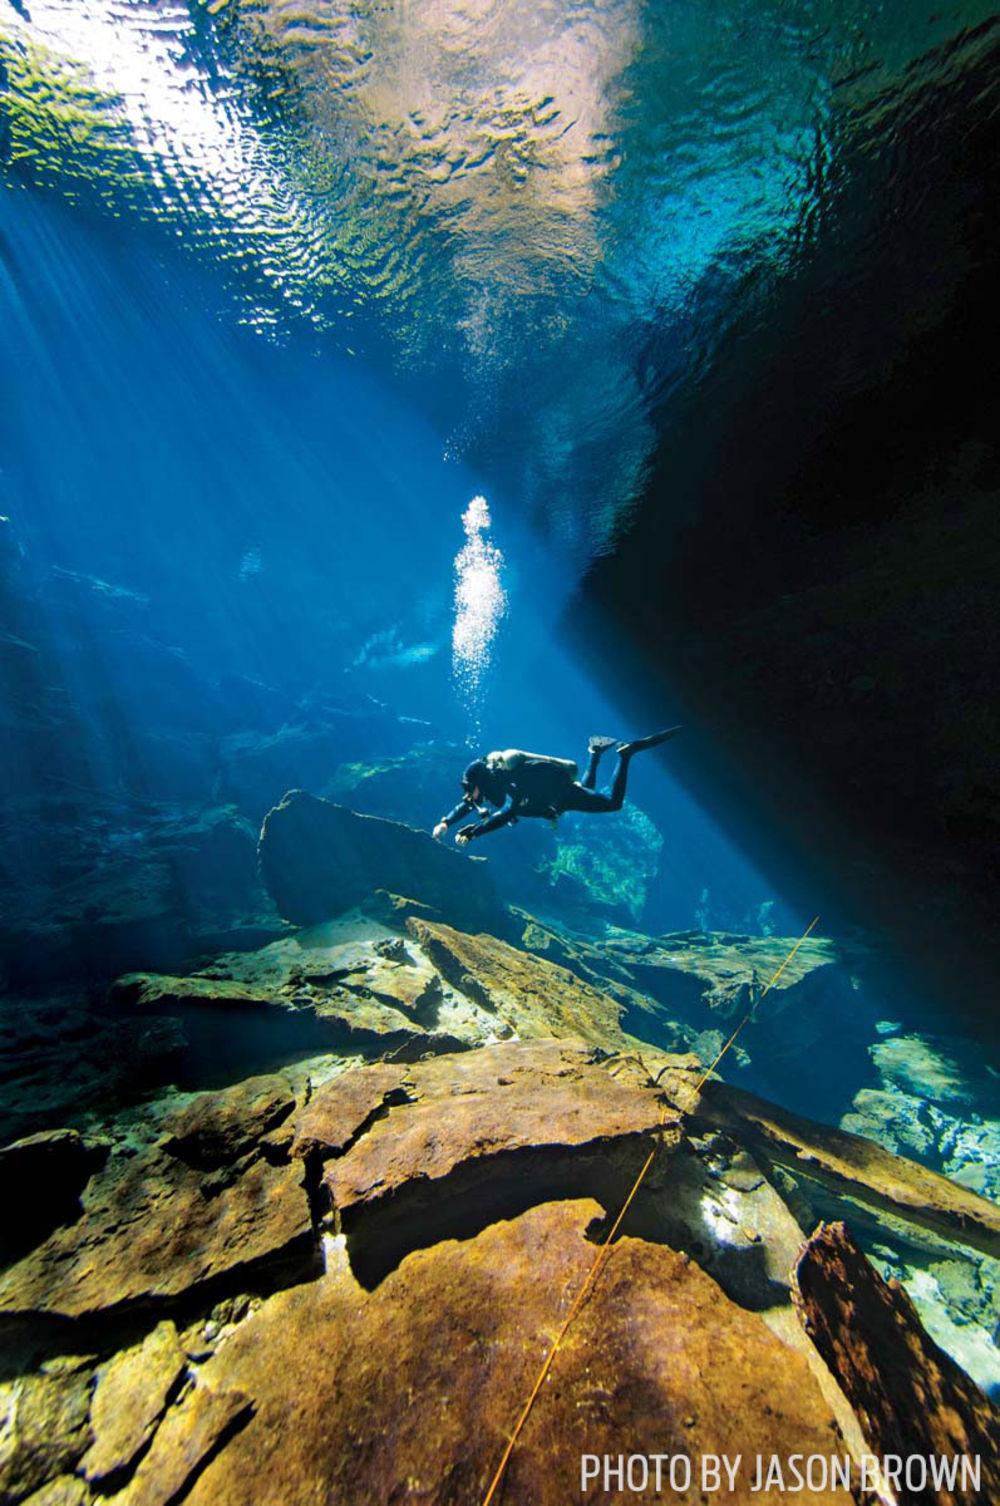 Cenote scuba diving mexico riviera maya